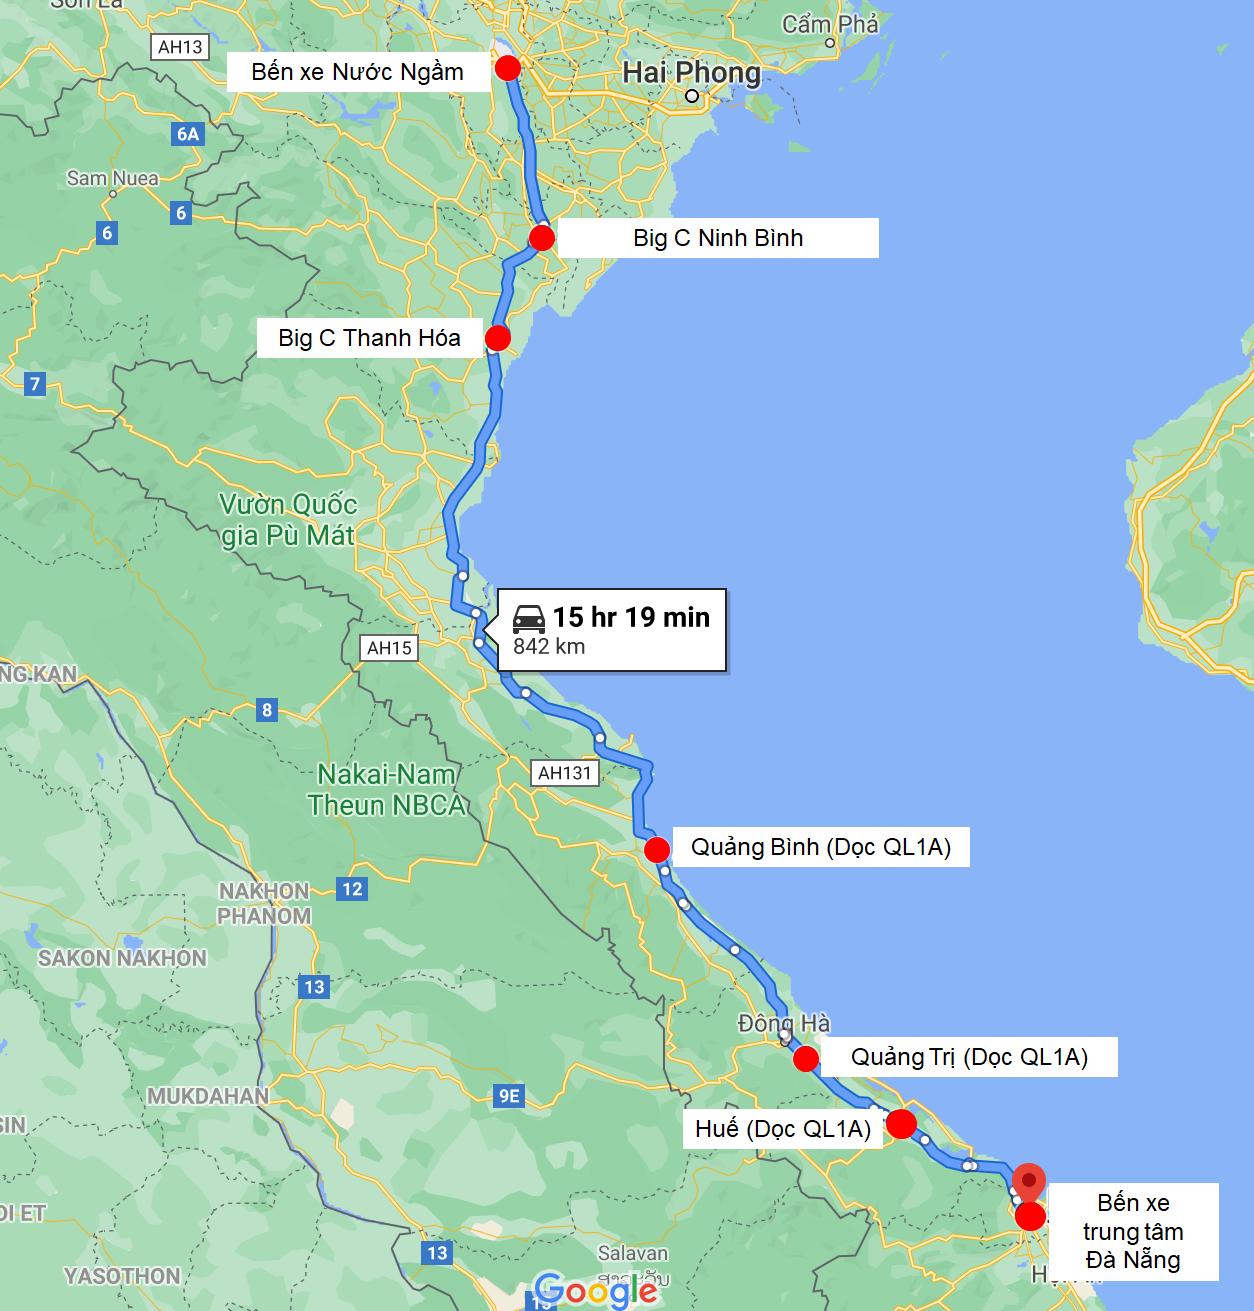 Điểm đón/trả dọc đường của nhà xe Kim Chi 265